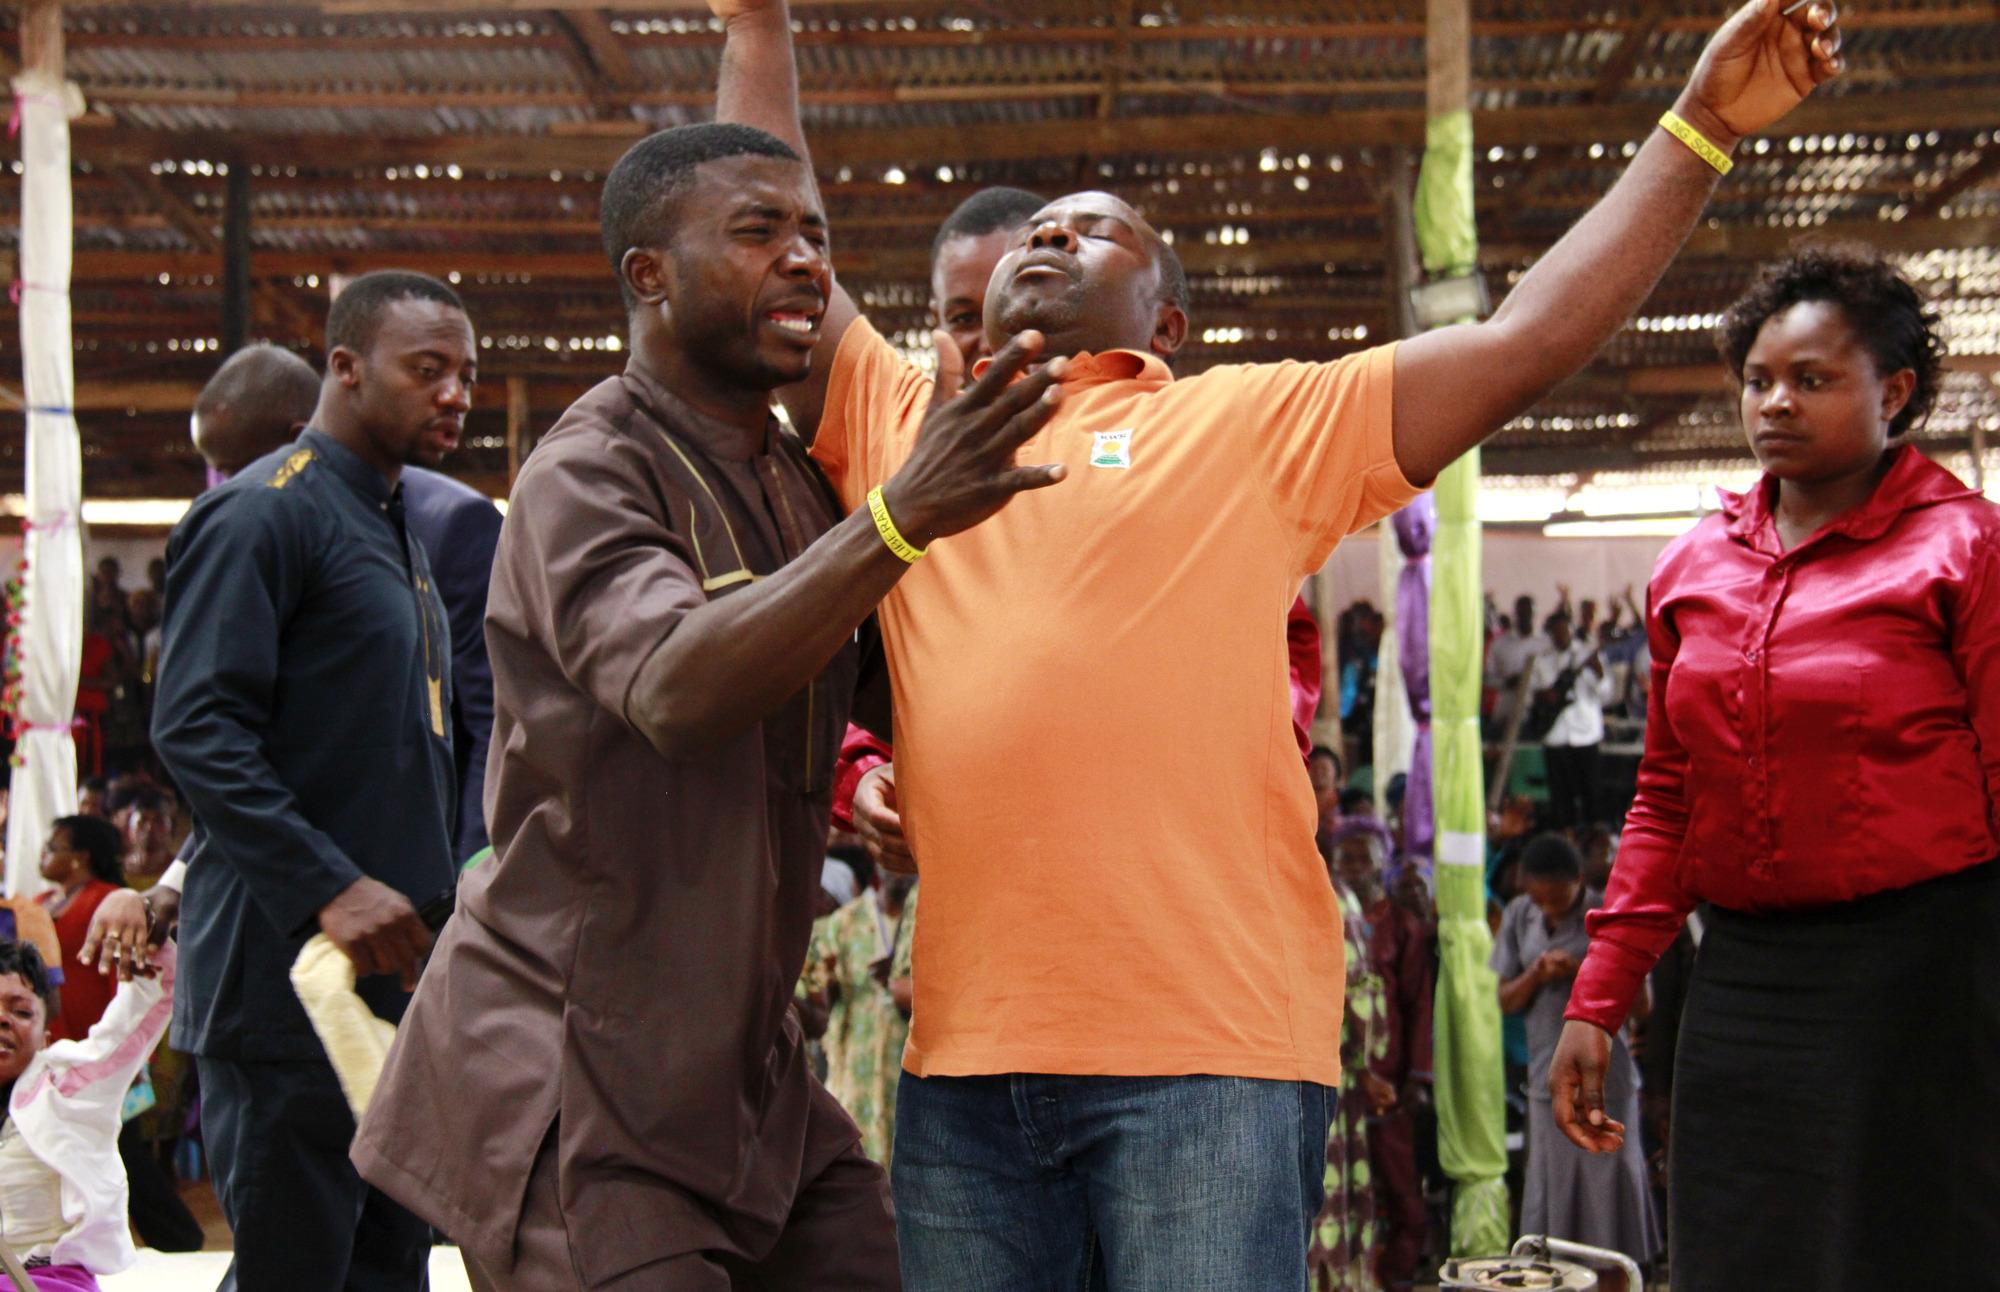 Pray or prey? Cameroon's Pentecostal churches face crackdown